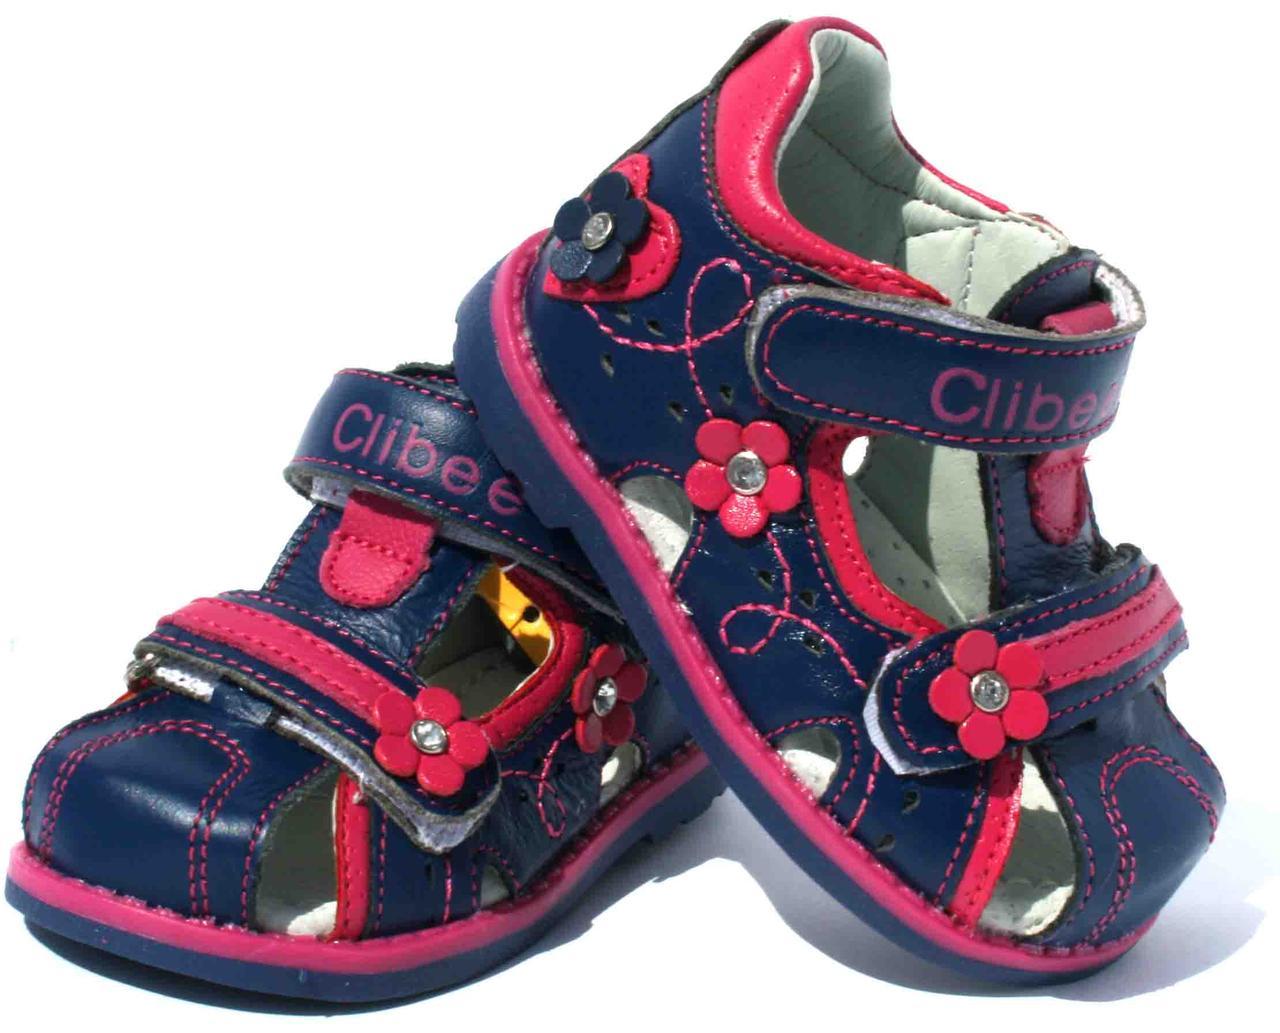 Дитячі шкіряні босоніжки для дівчинки Clibee Польща розміри 19-24